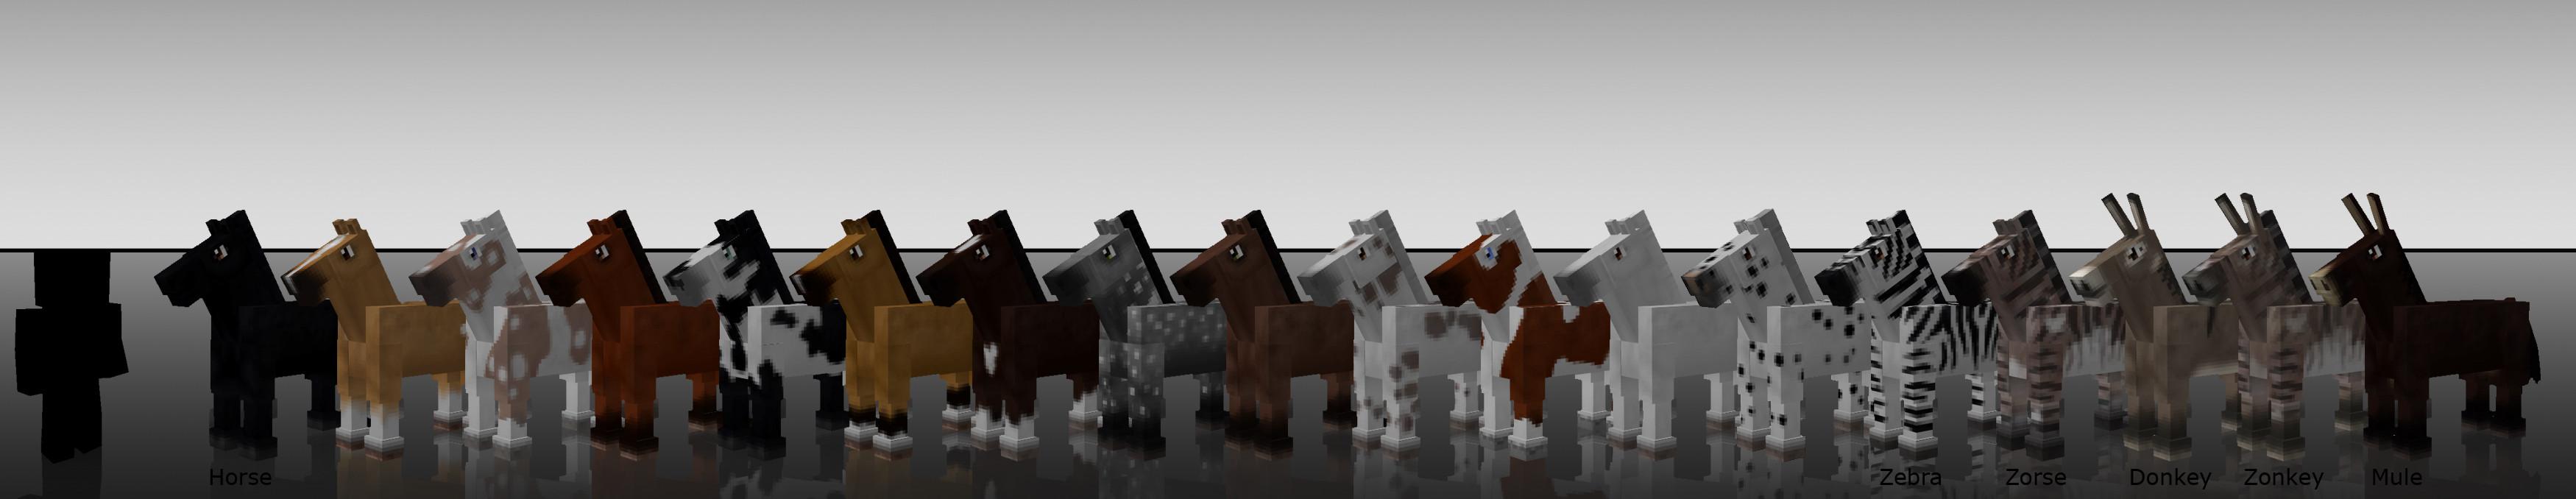 Horse Technic Pack Wiki Fandom